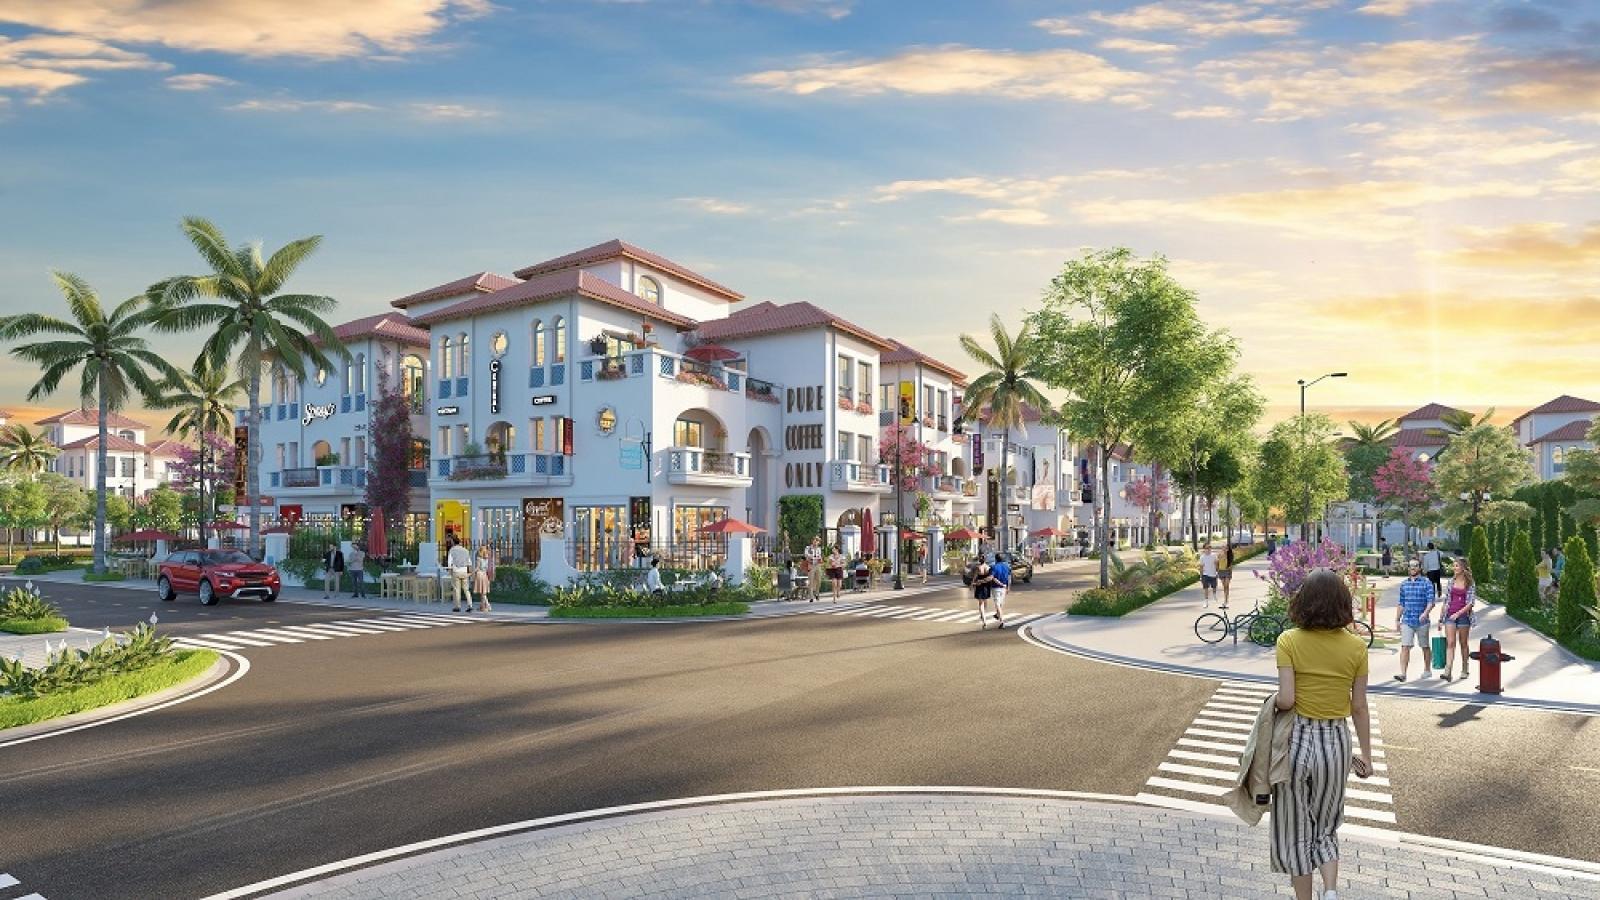 Bất động sản 2021: Sức hút của những khu đô thị đặc biệt